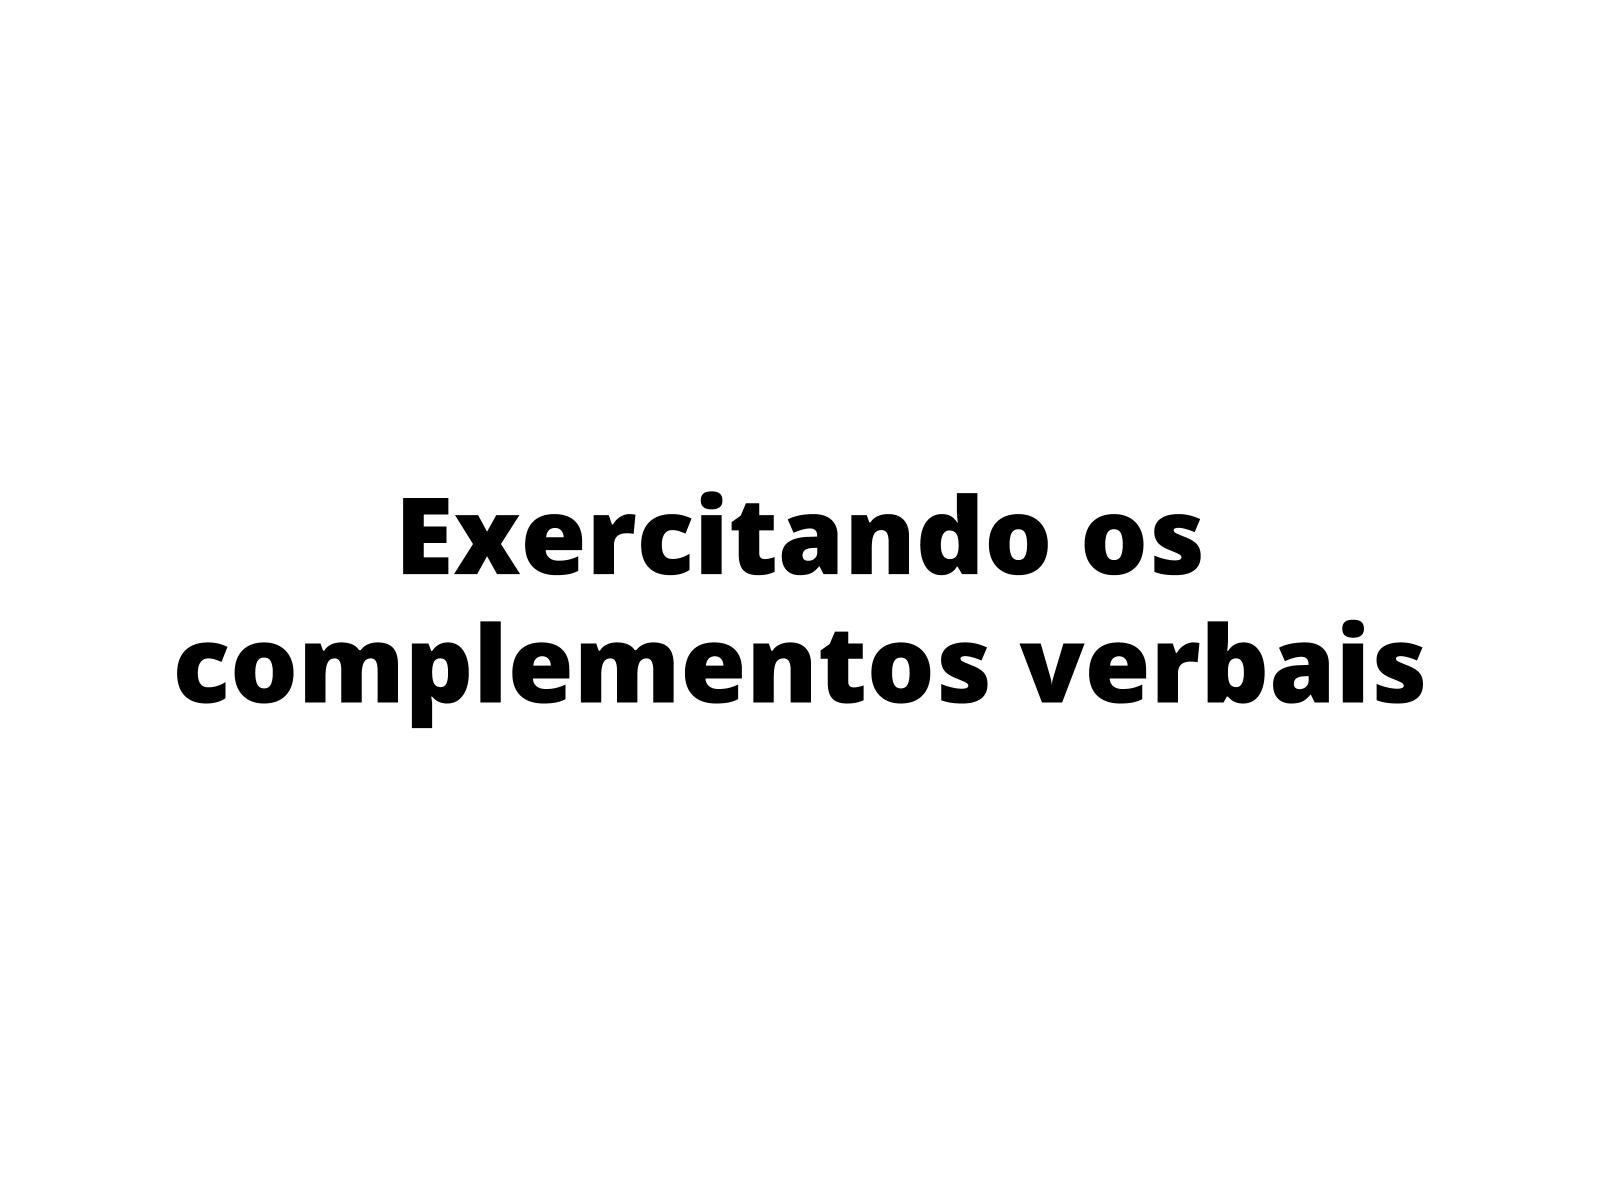 Atividades para exercitar o uso do pronome oblíquo como complemento verbal